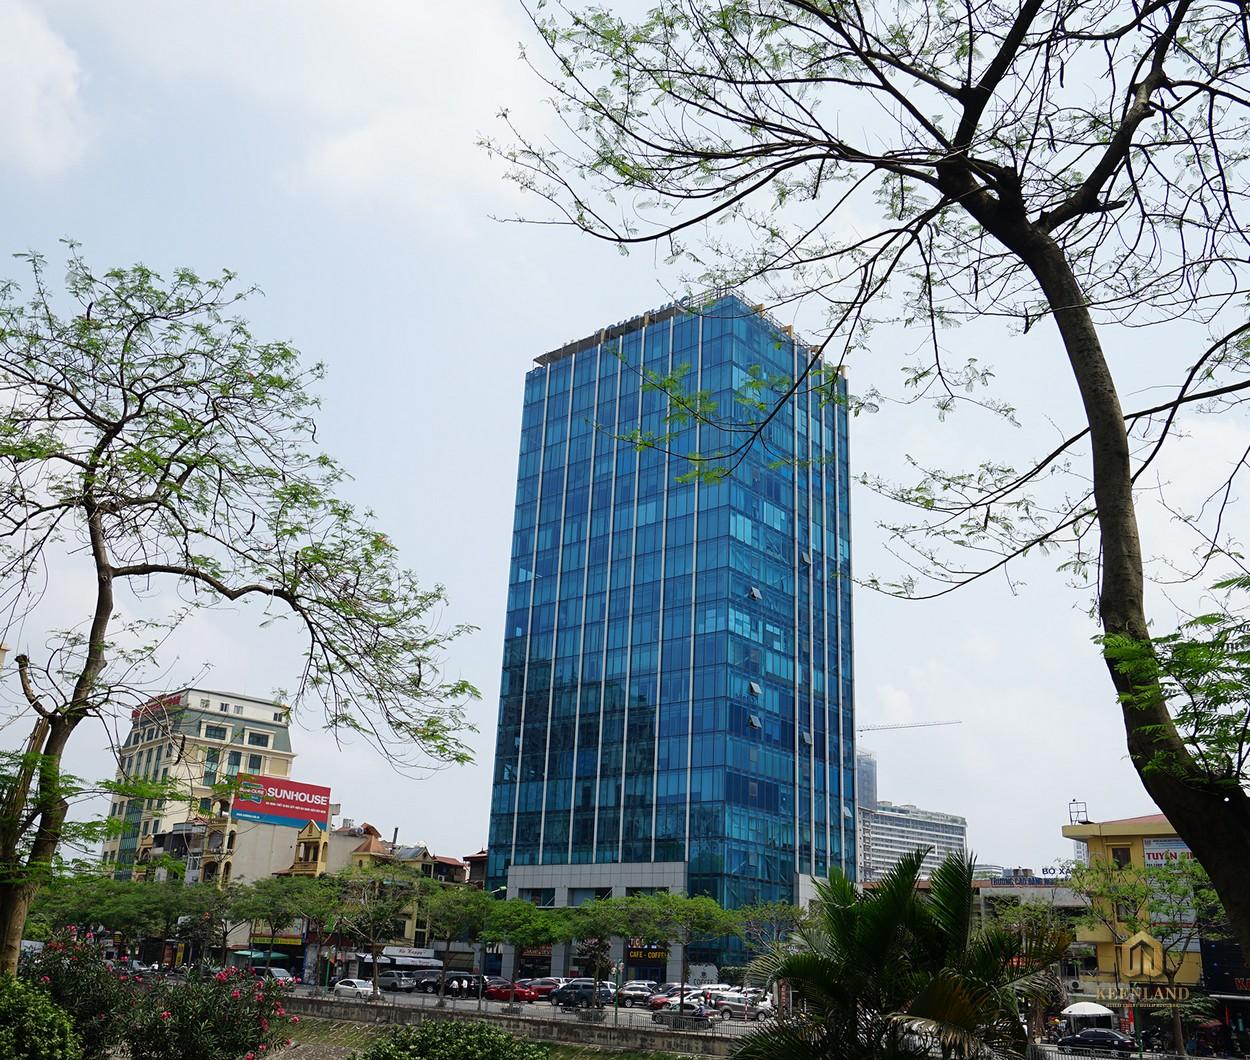 Tổng thể toà nhà 169 Nguyễn Ngọc Vũ